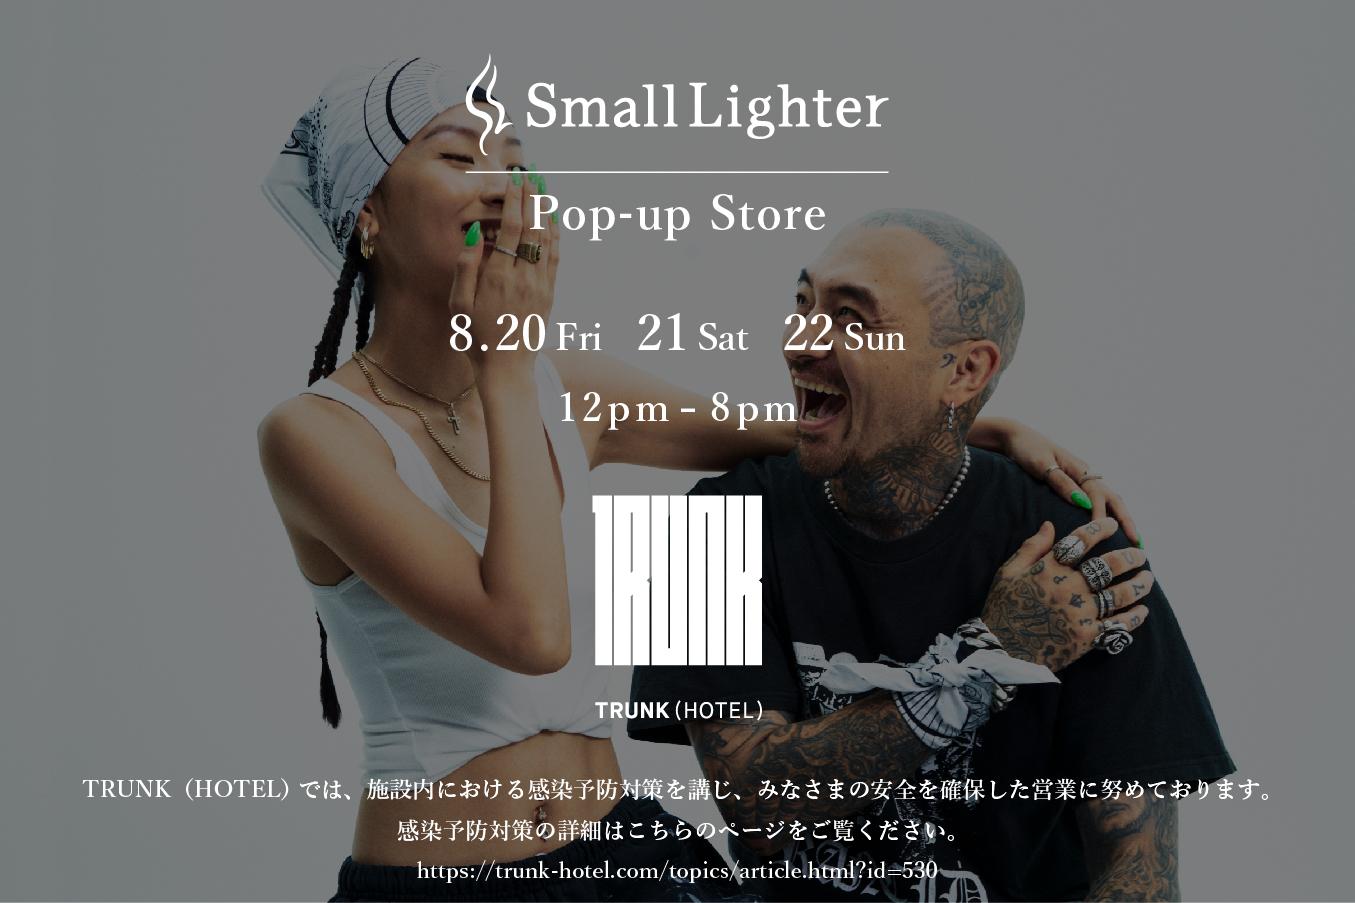 ストリートなイベント【東京】Small Lighter POP UP EVENT バンダナ専門ブランドがスタート!